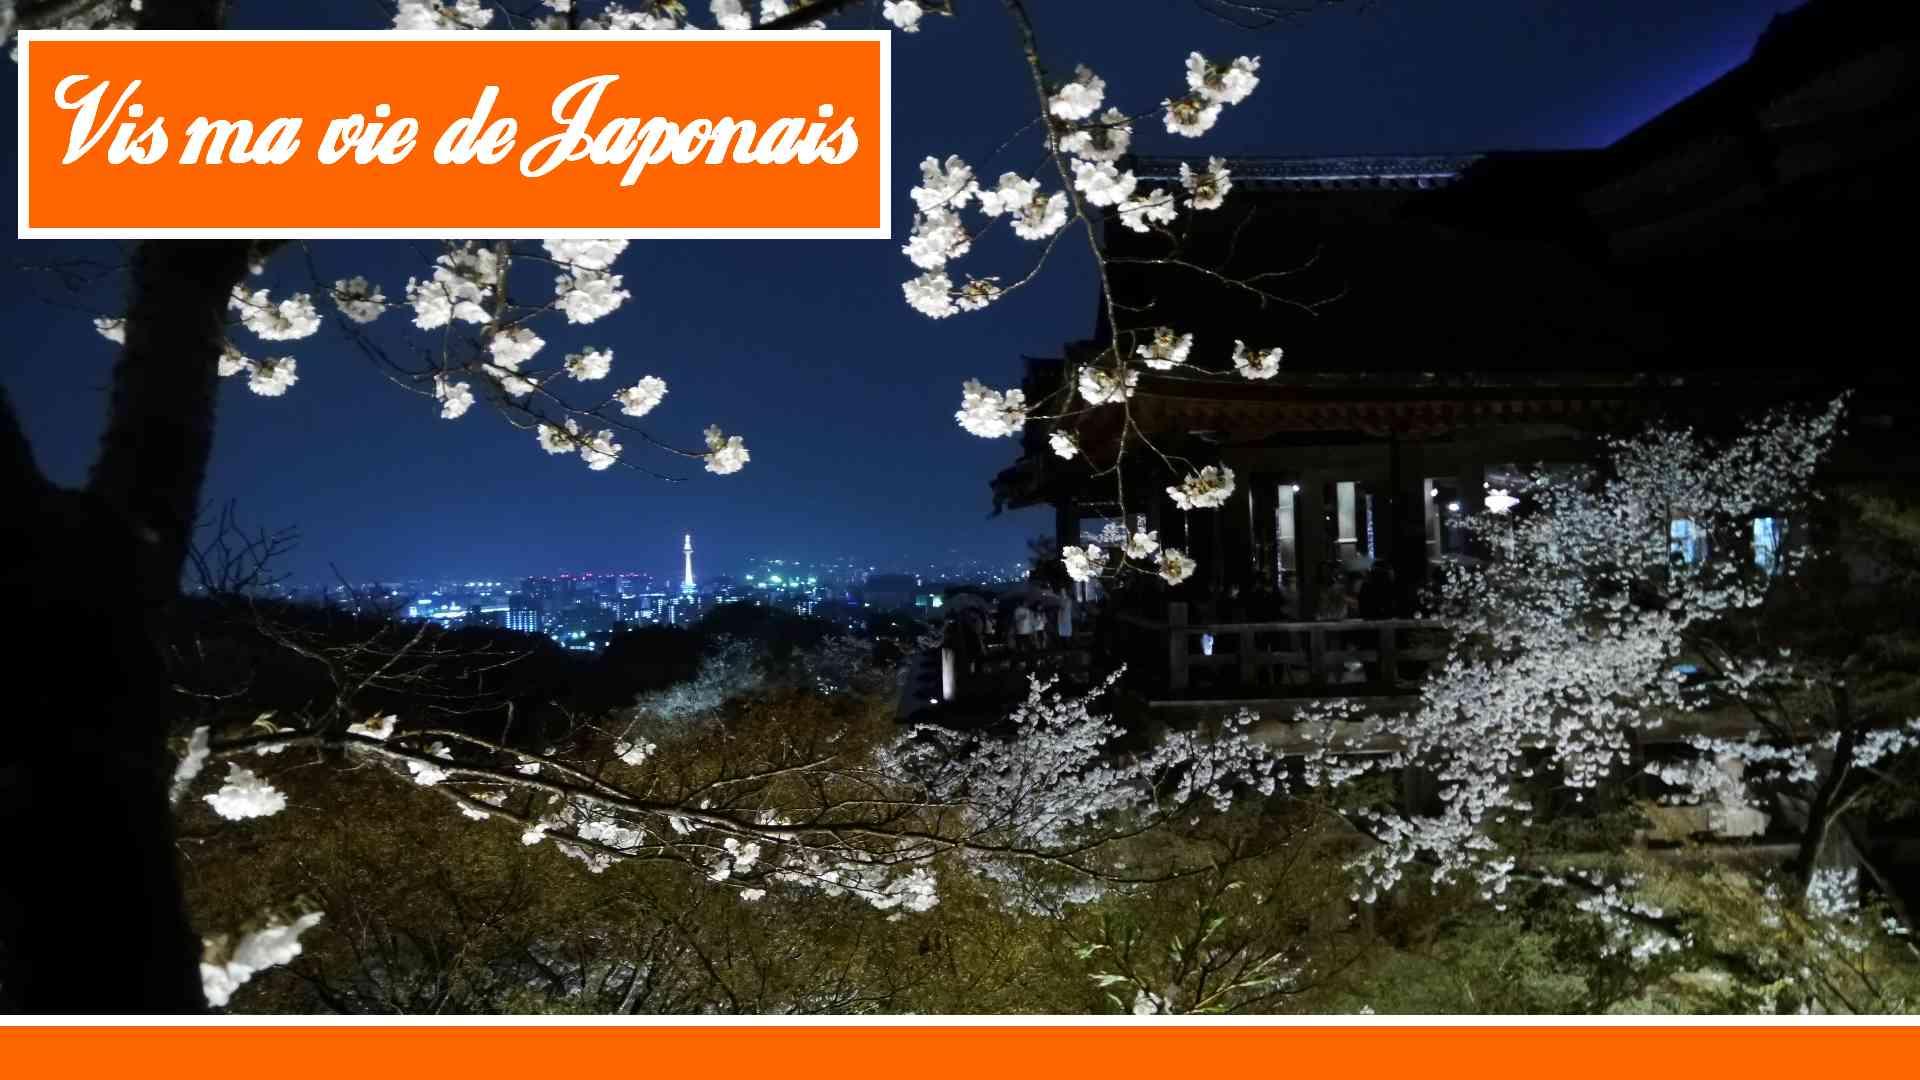 JAPON EXPRESS : Vis ma vie de voyageur au Japon